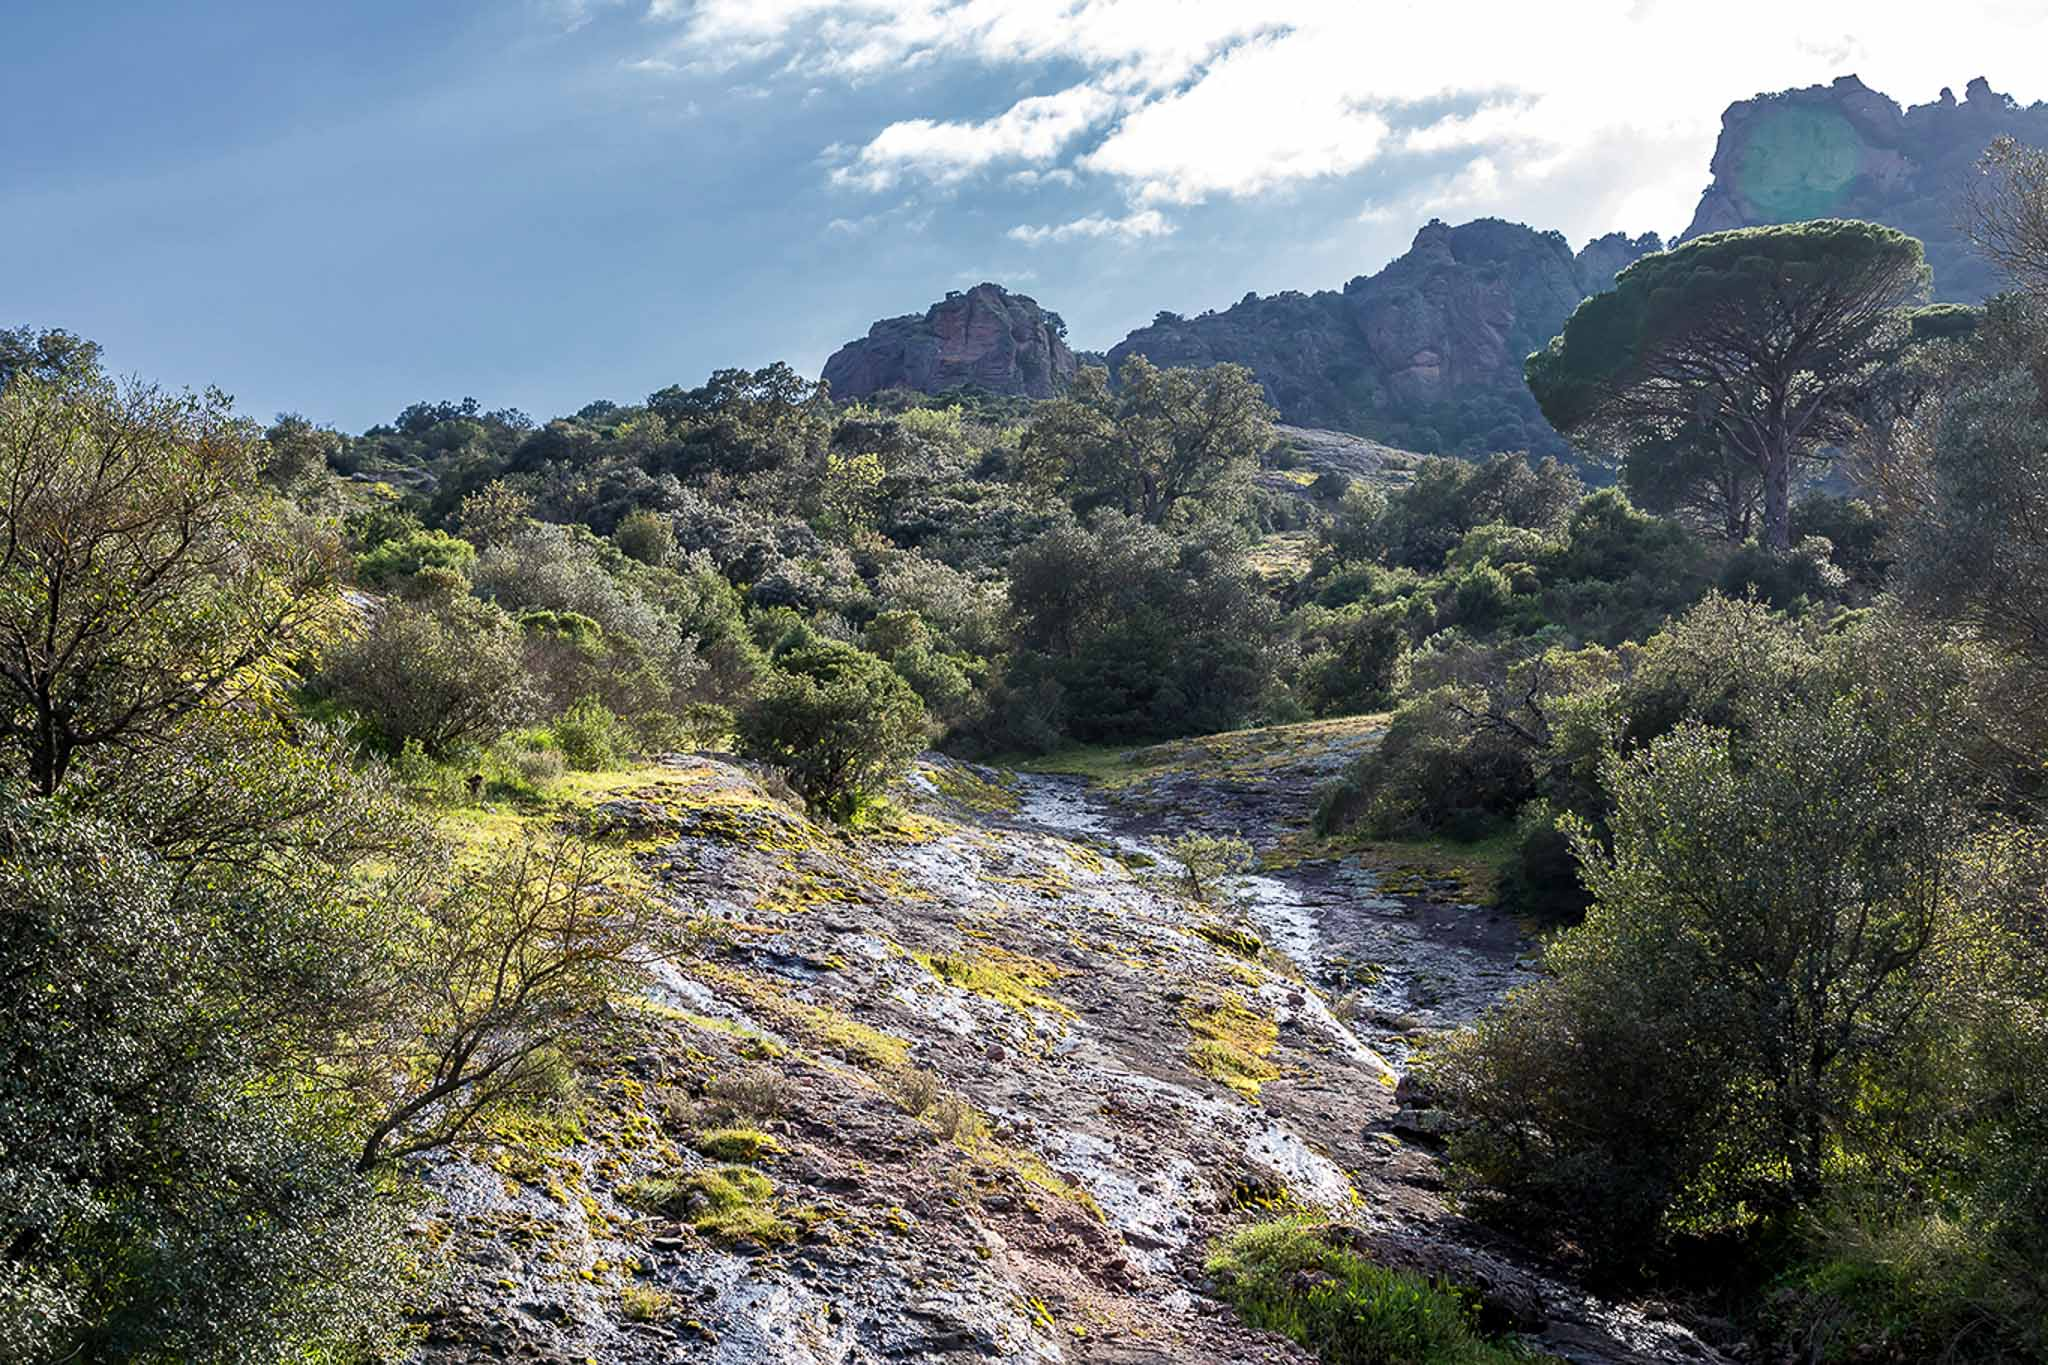 Die Pfeiffers am Rocher de Roquebrune an der Côte d'Azur